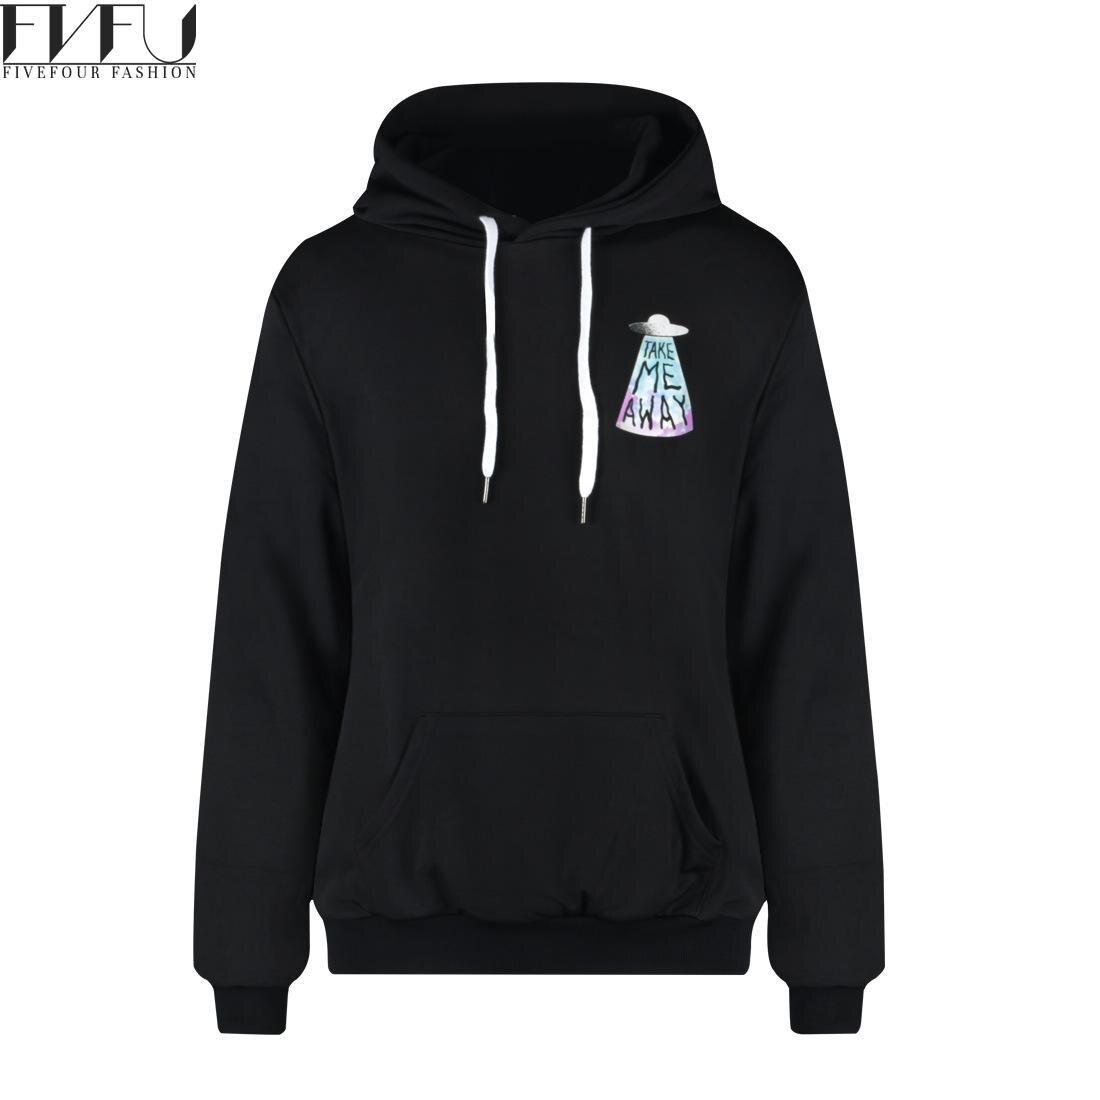 Fashion 2018 Hoodies Sweatshirt Women/men Plus Velvet Ufo Print Sweatshirt Hoodie Tops Loose Casual Black Hoodies Plus Size